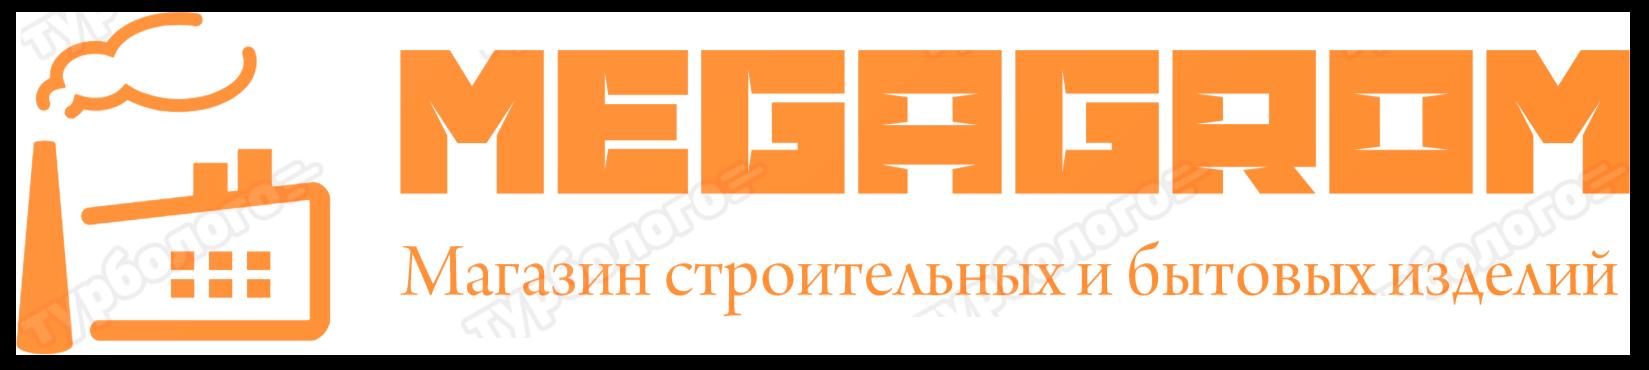 MEGAGROM – магазин строительных и бытовых изделий